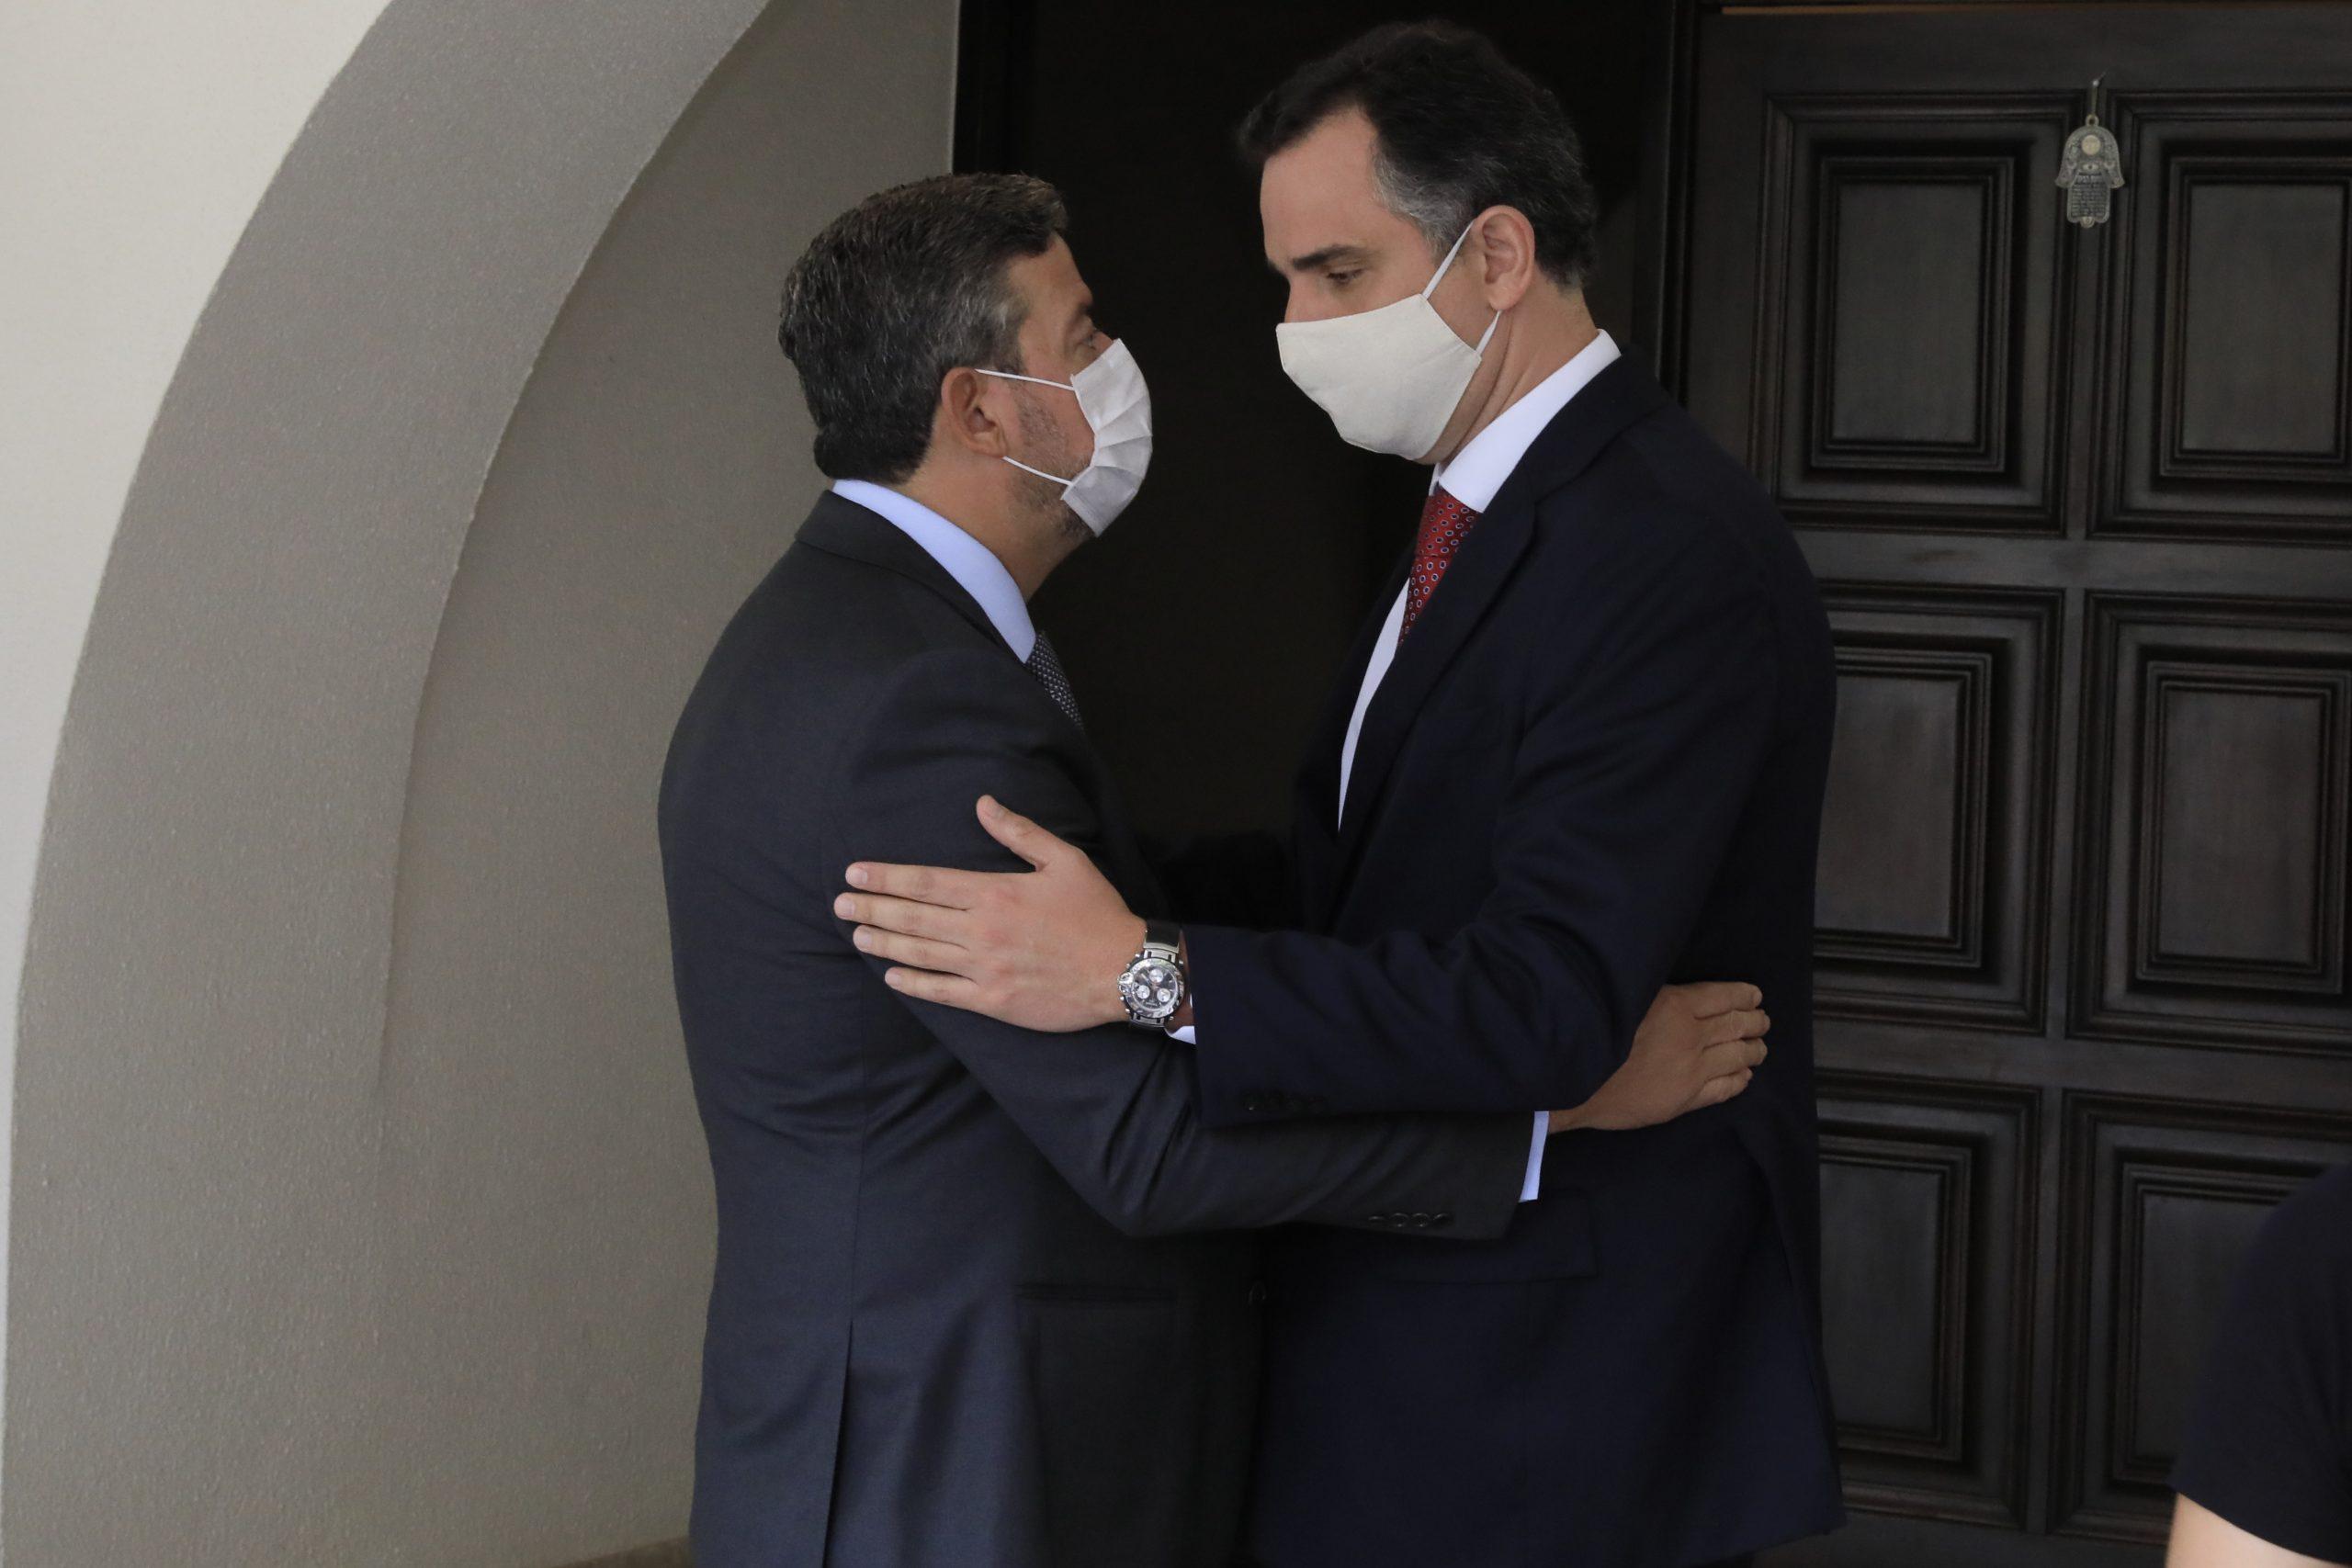 Presidente da Câmara, Arthur Lira, e o presidente do Senado, Rodrigo Pacheco. Foto: Luis Macedo/Câmara dos Deputados